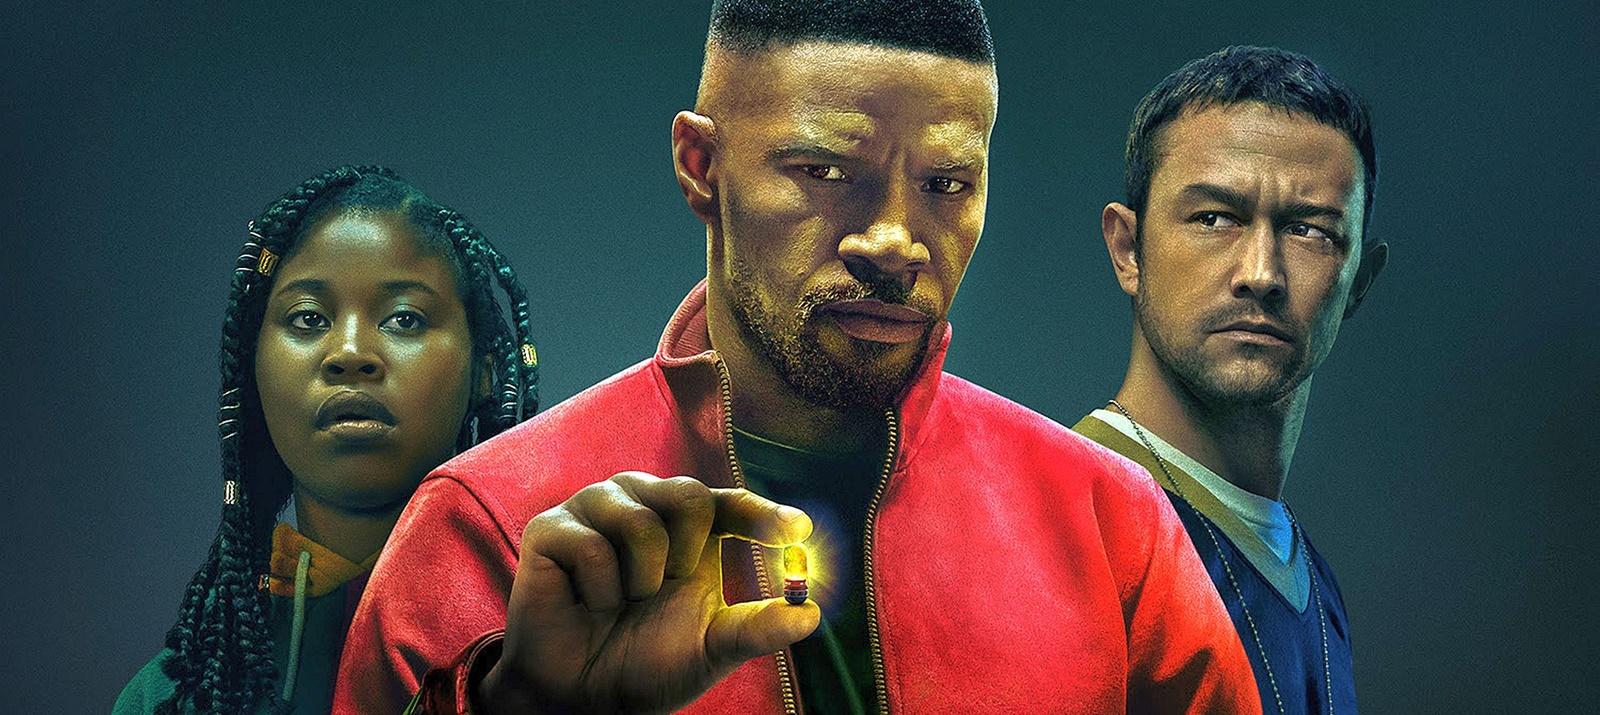 Волшебная пилюля: Рецензия на фильм Project Power от Netflix